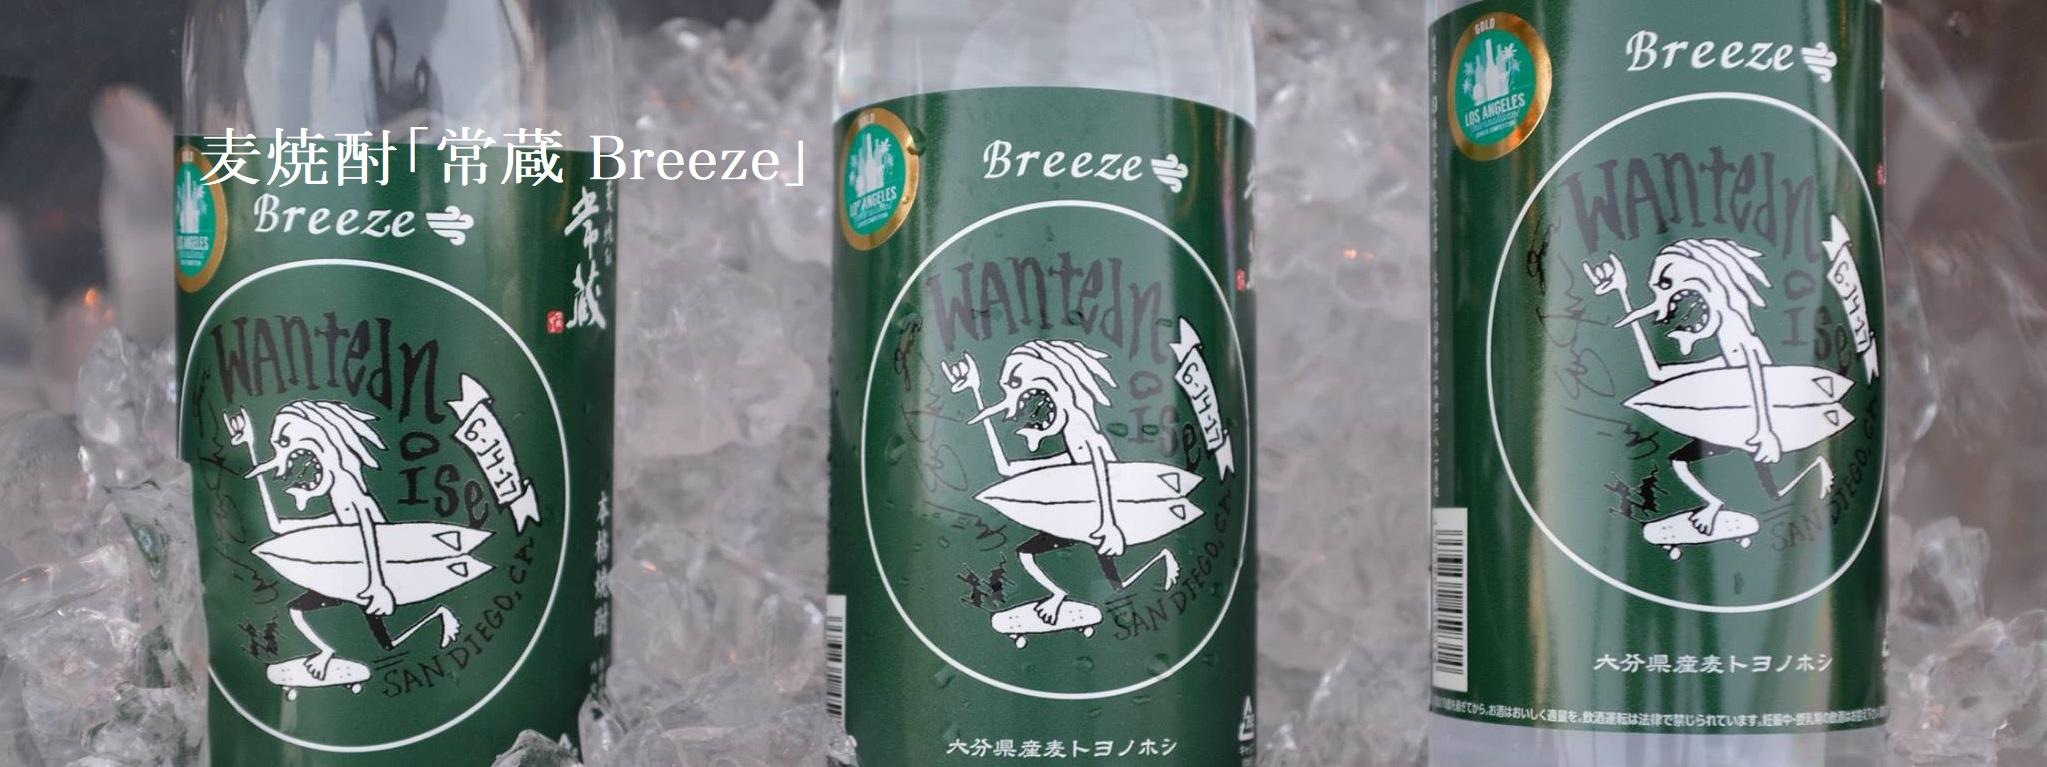 麦焼酎「常蔵 Breeze」は、大分県で栽培された焼酎づくりに適した大麦新品種「トヨノホシ」を100